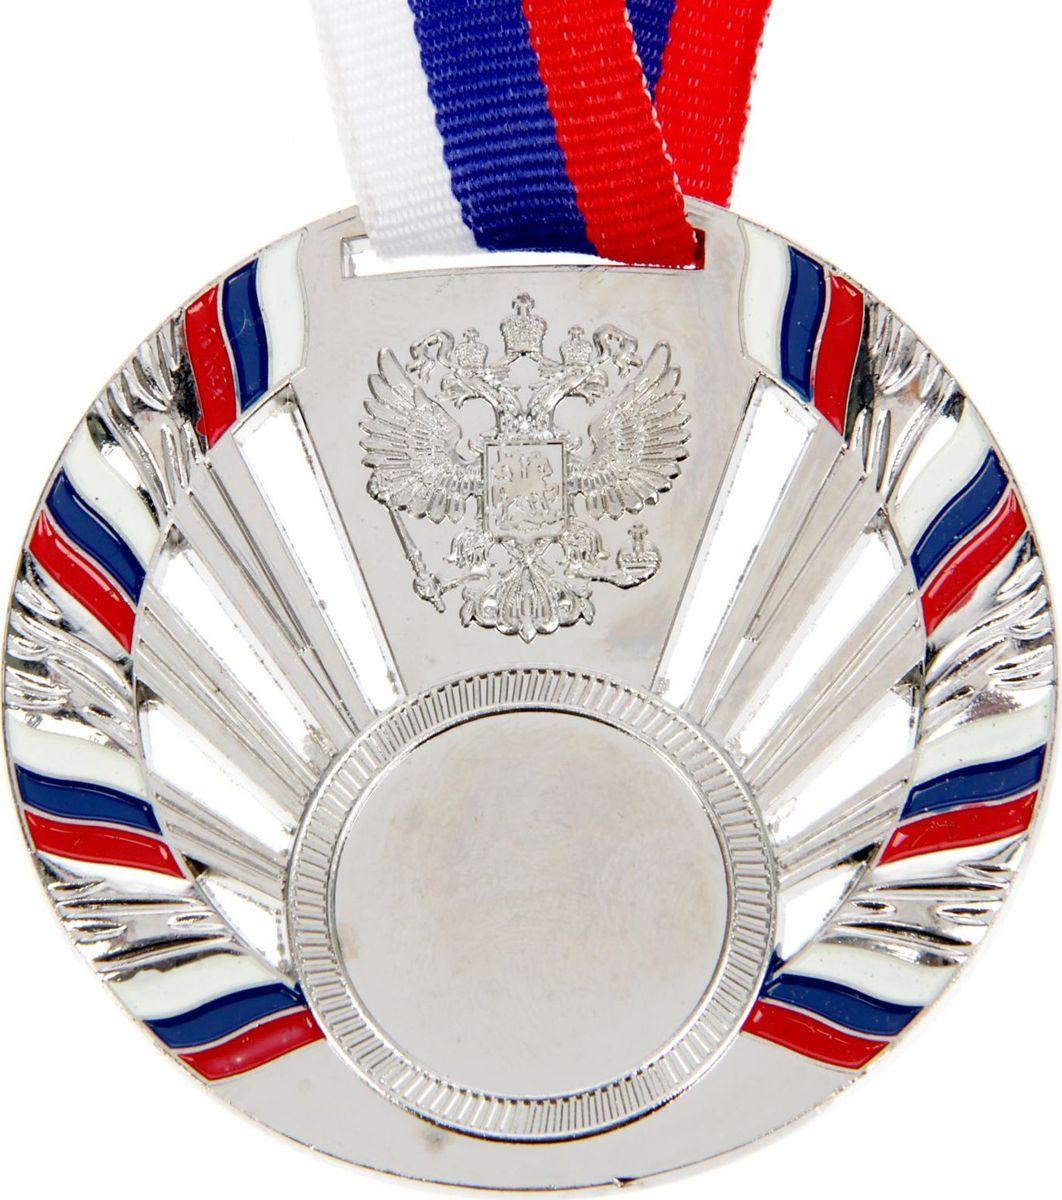 Медаль сувенирная с местом для гравировки, цвет: серебристый, диаметр 7 см. 040